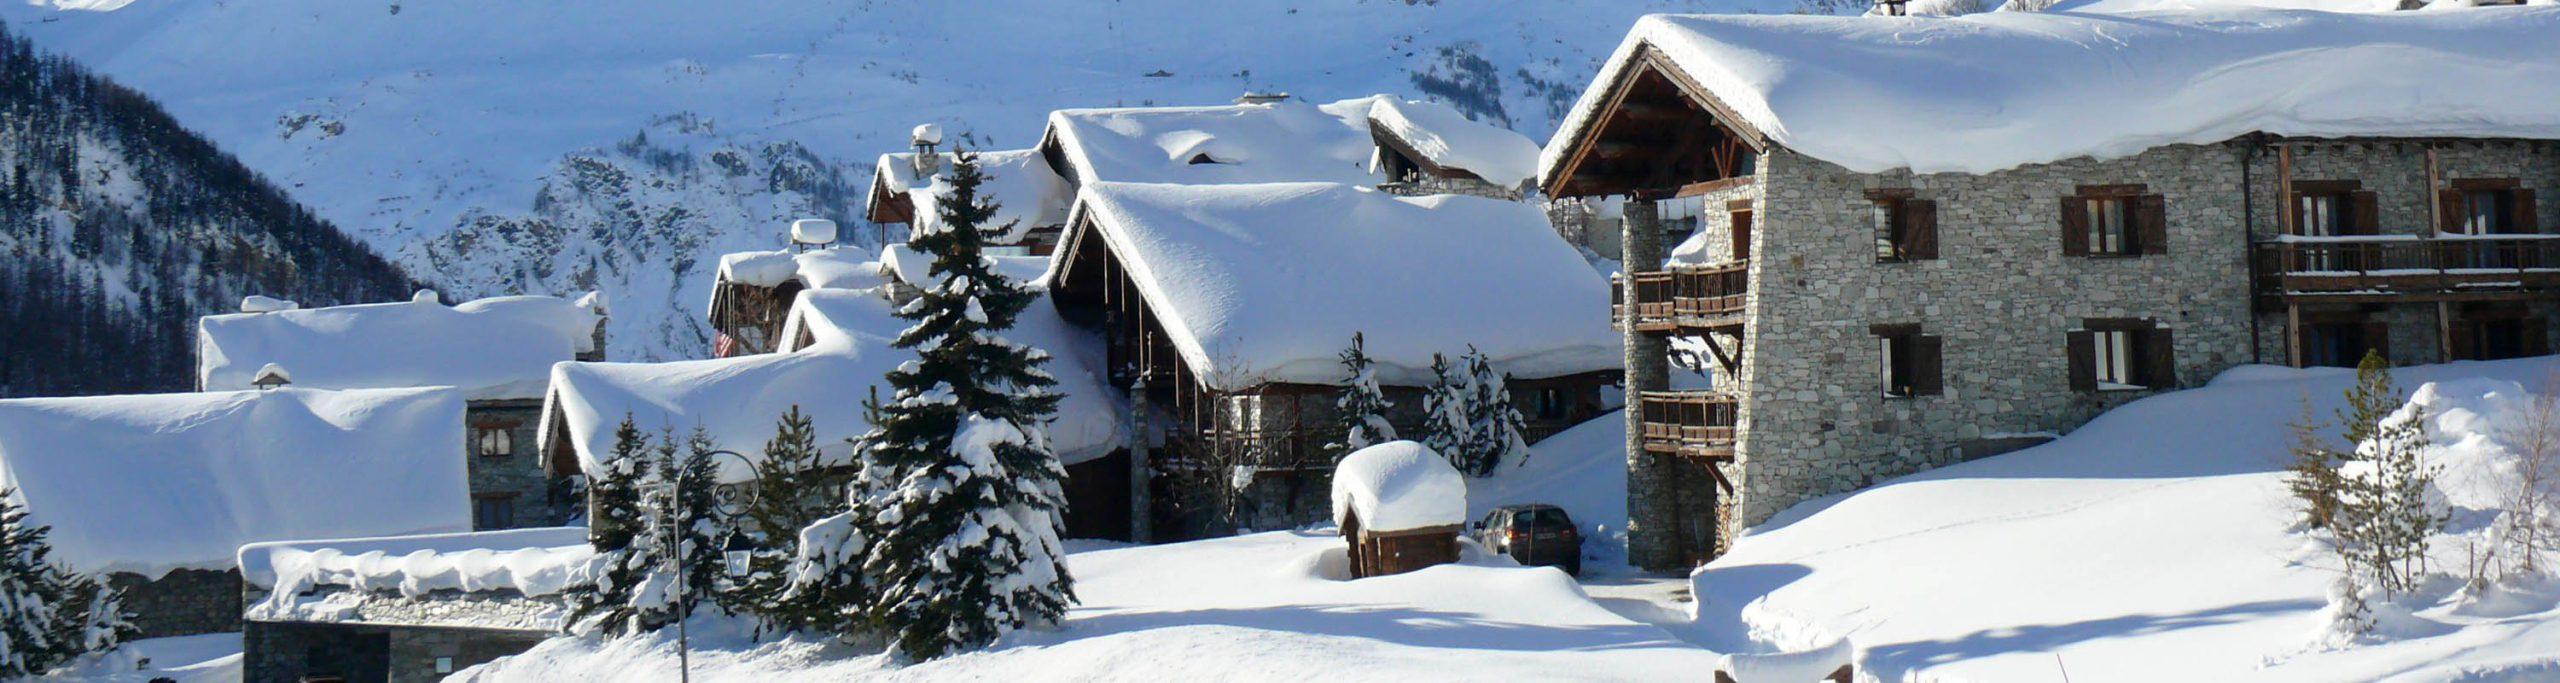 Le Fornet Val d'Isère